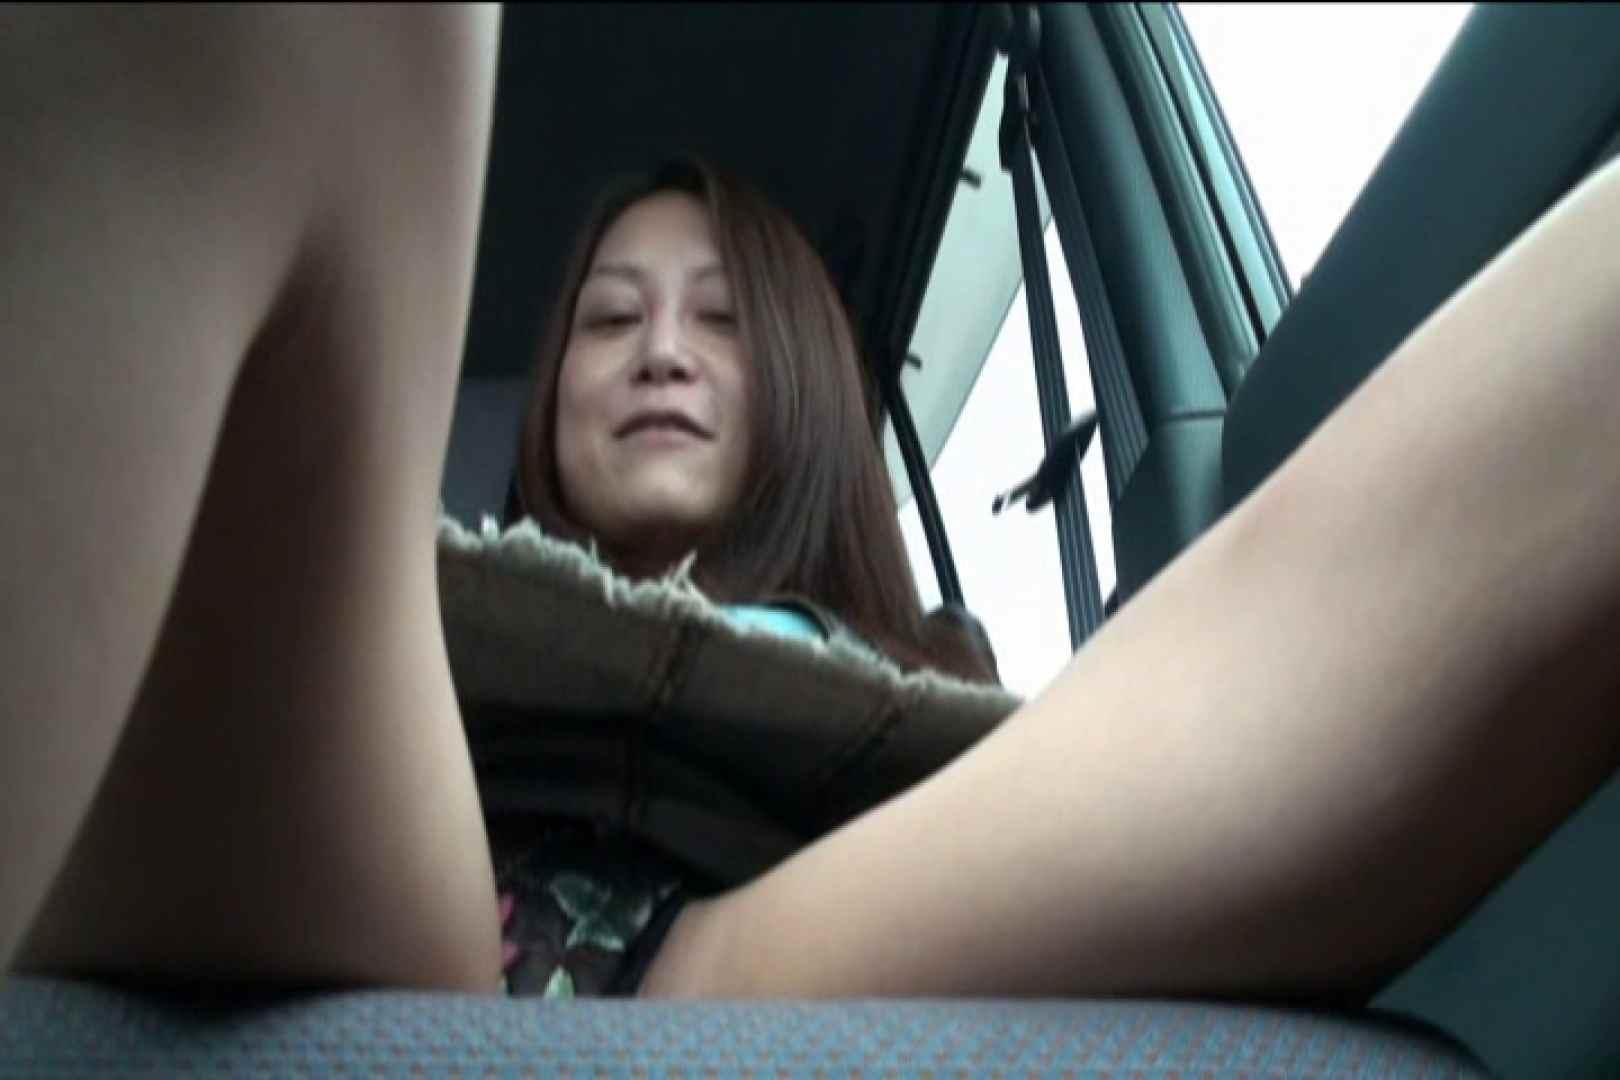 車内で初めまして! vol04 マンコ | 車  54pic 35